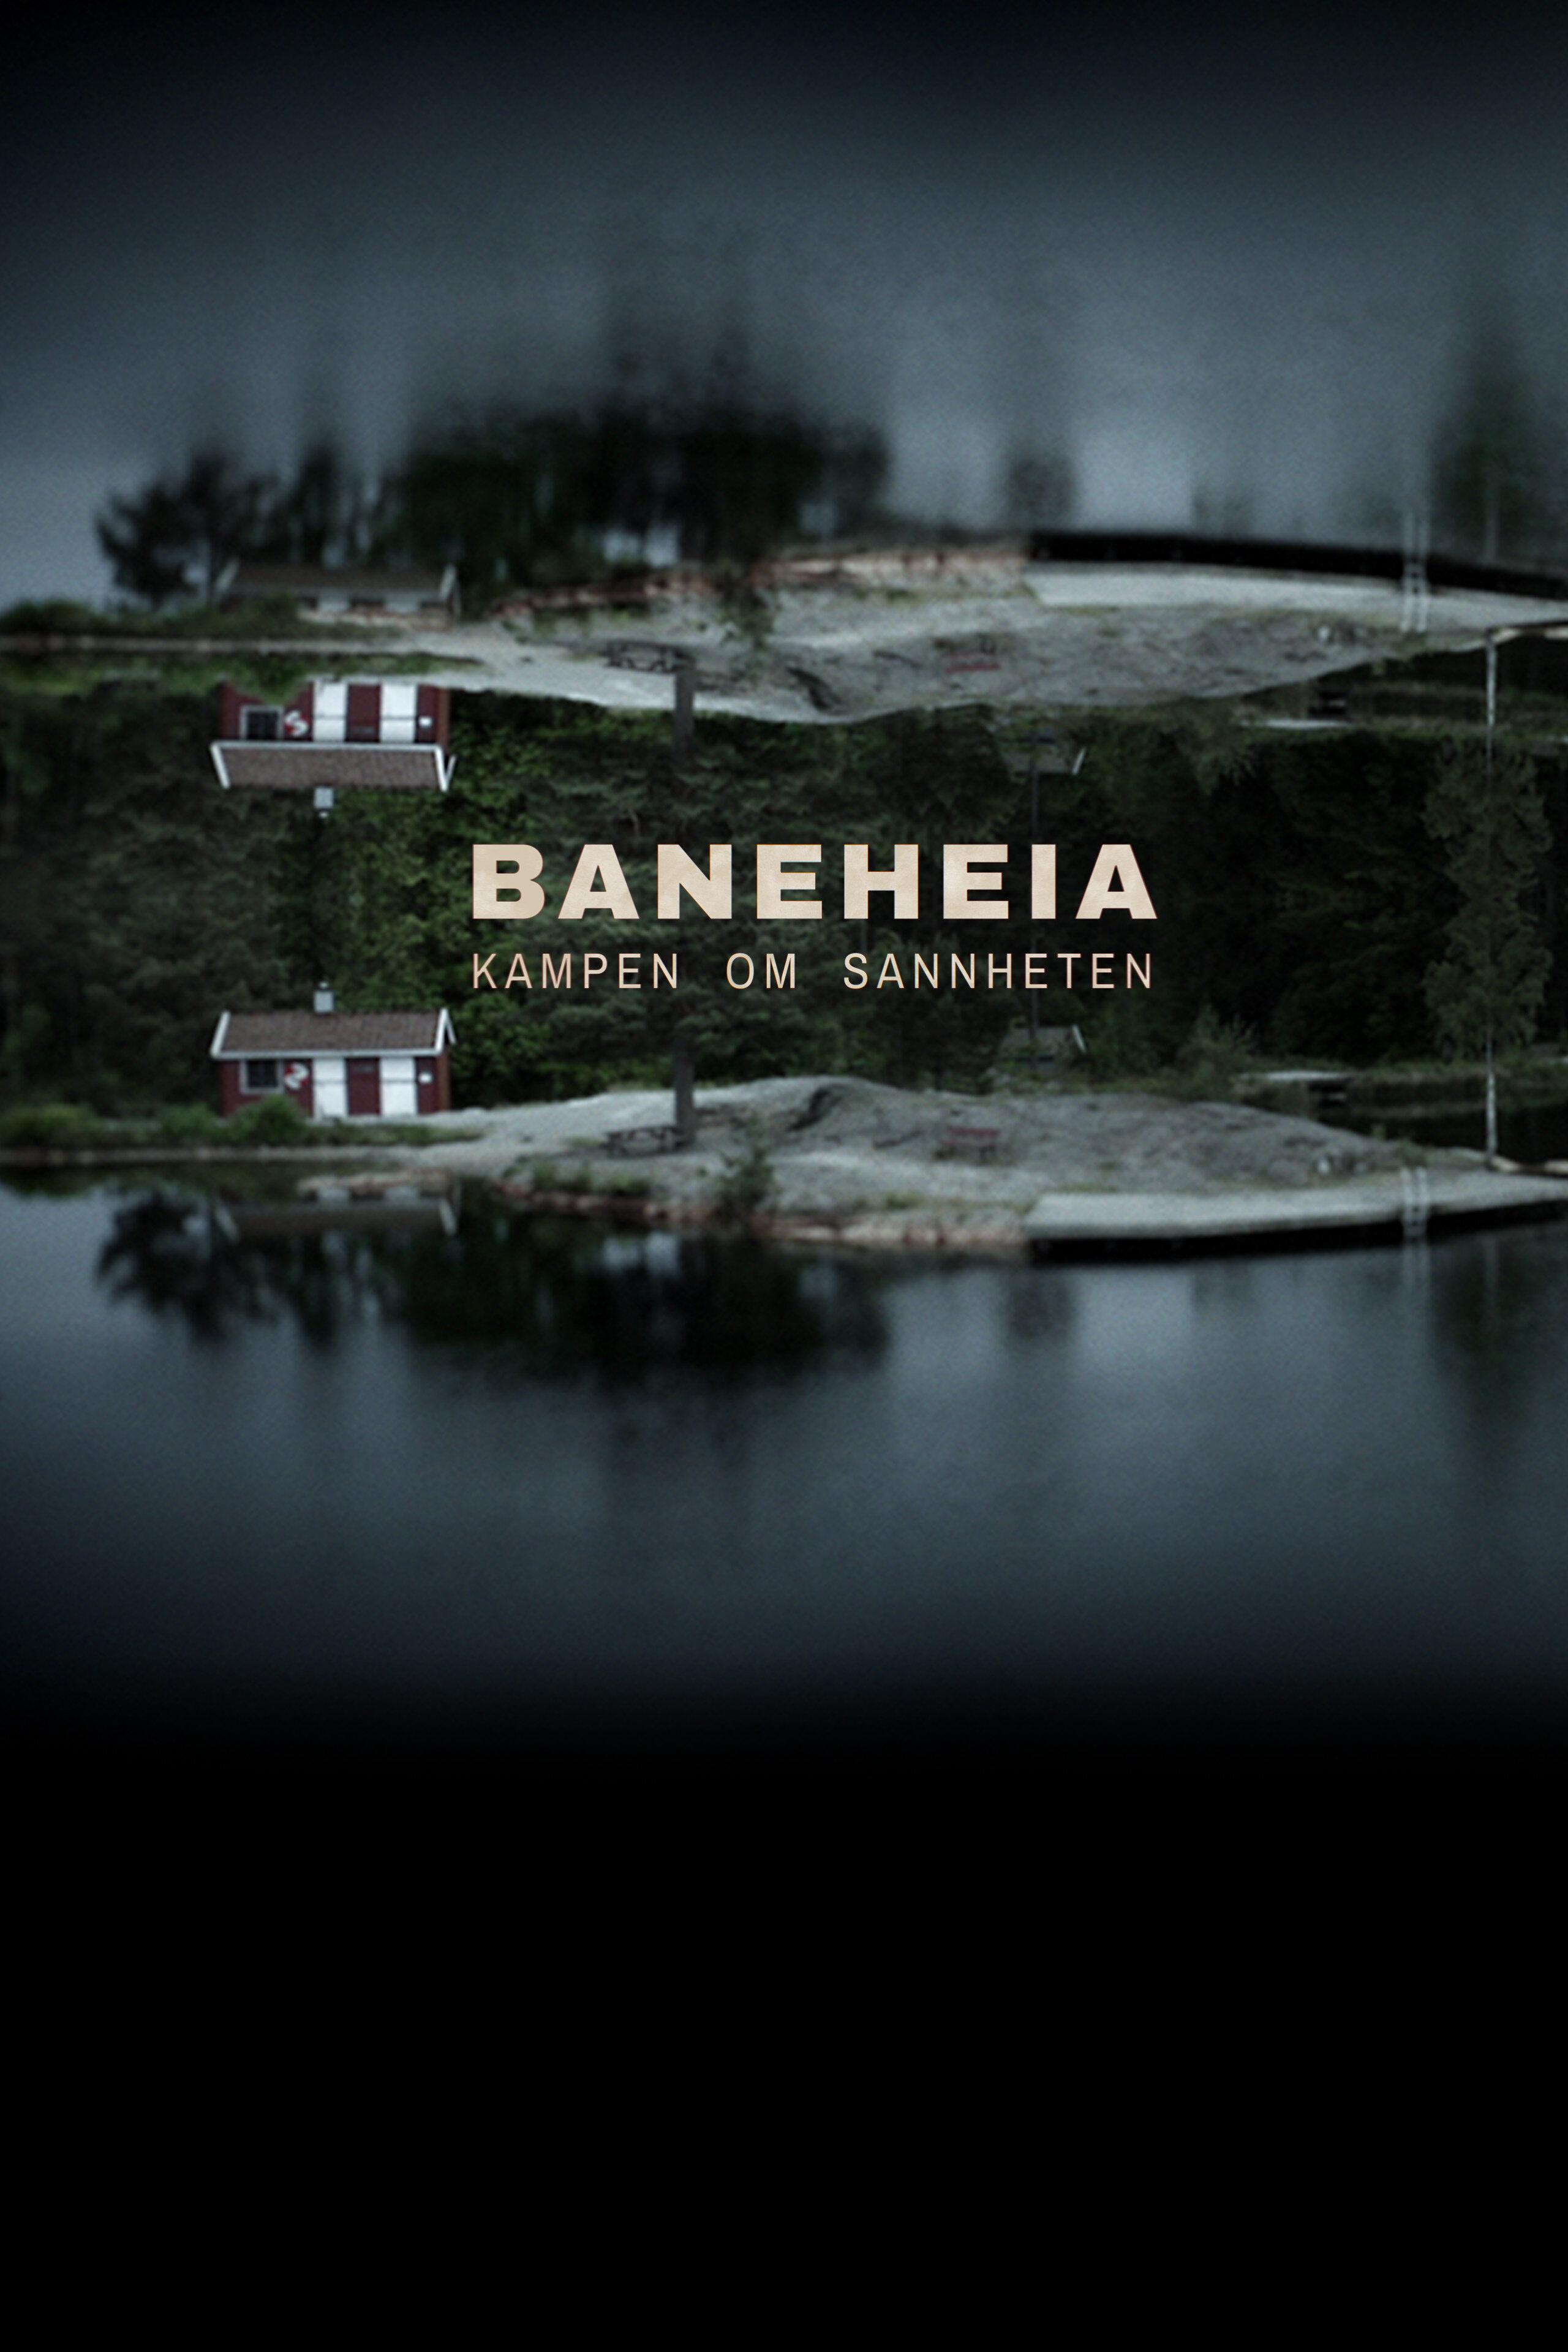 Baneheia - kampen om sannheten ne zaman